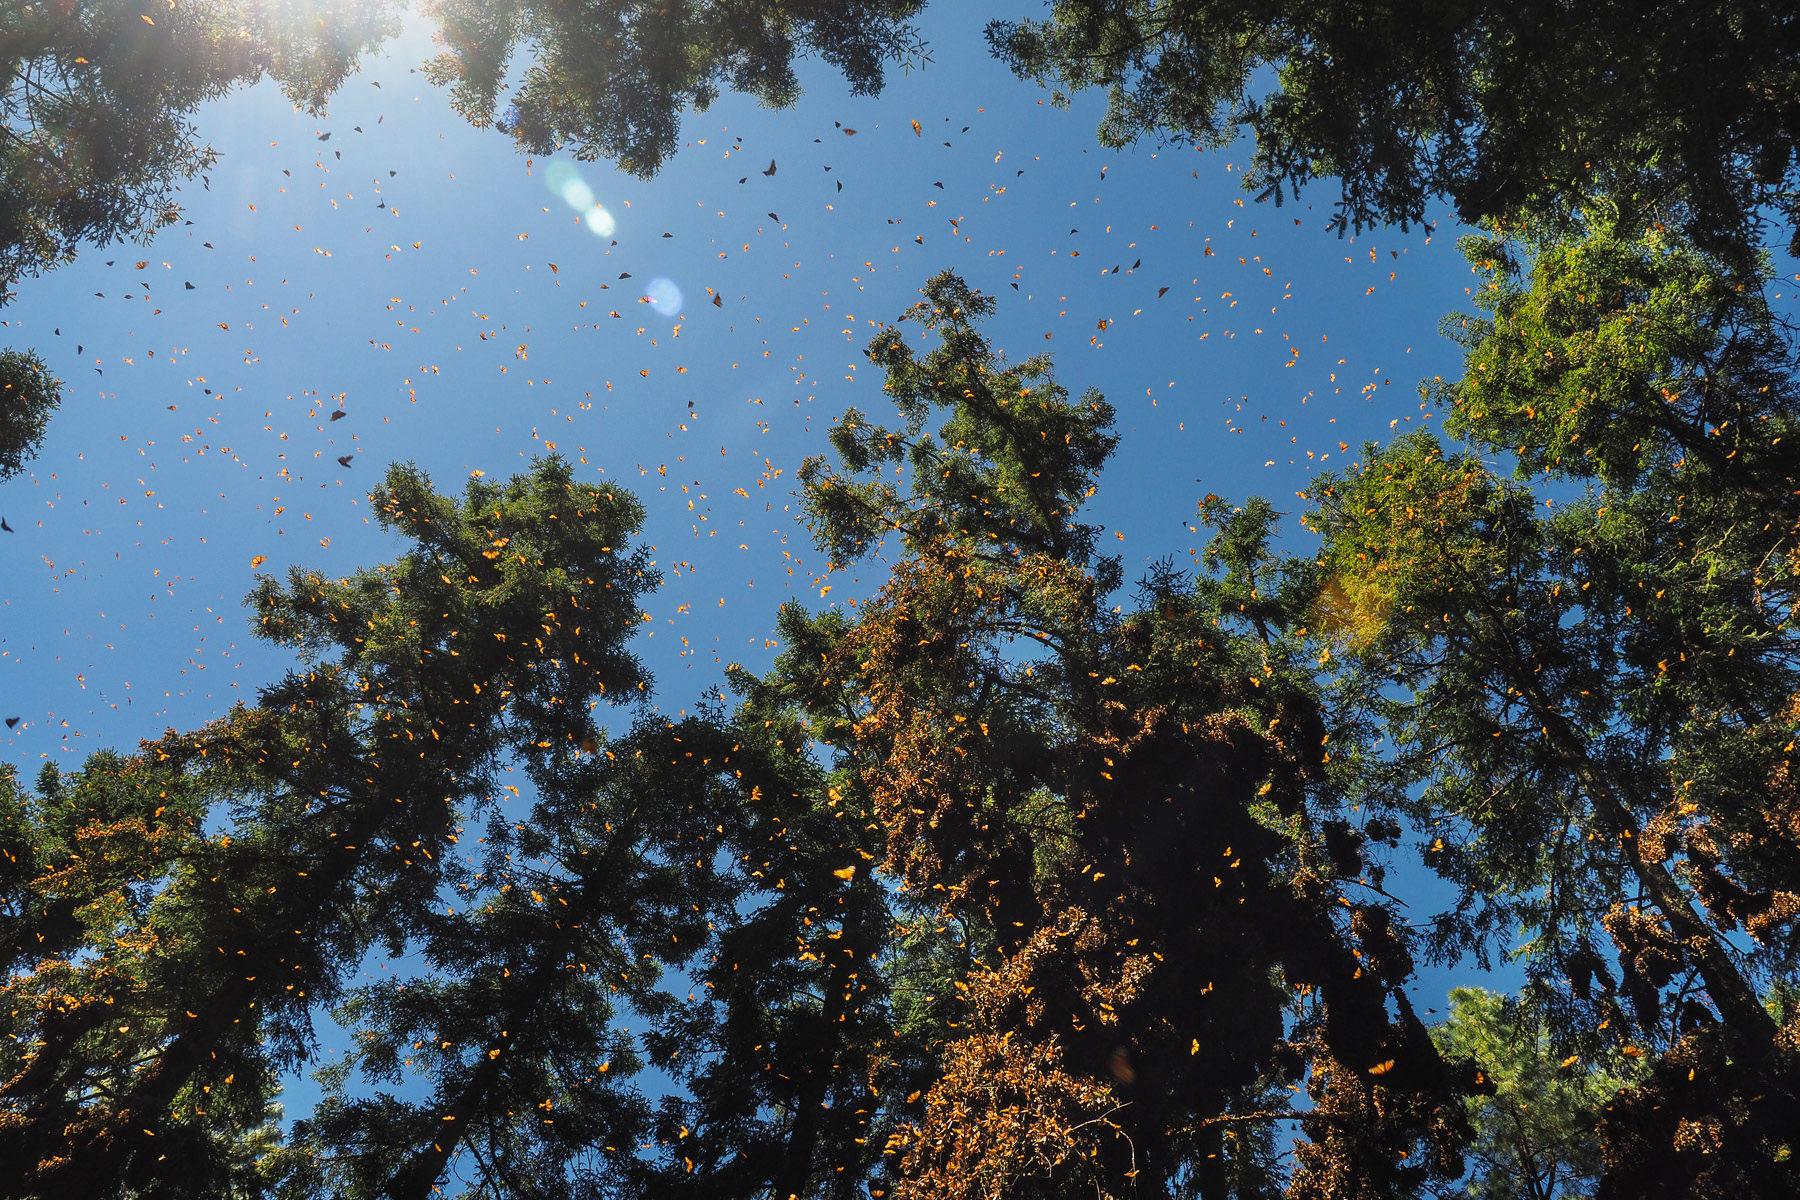 Mit den wärmenden Sonnenstrahlen fangen die Monarchfalter an zu fliegen. Beeindruckendes Schauspiel